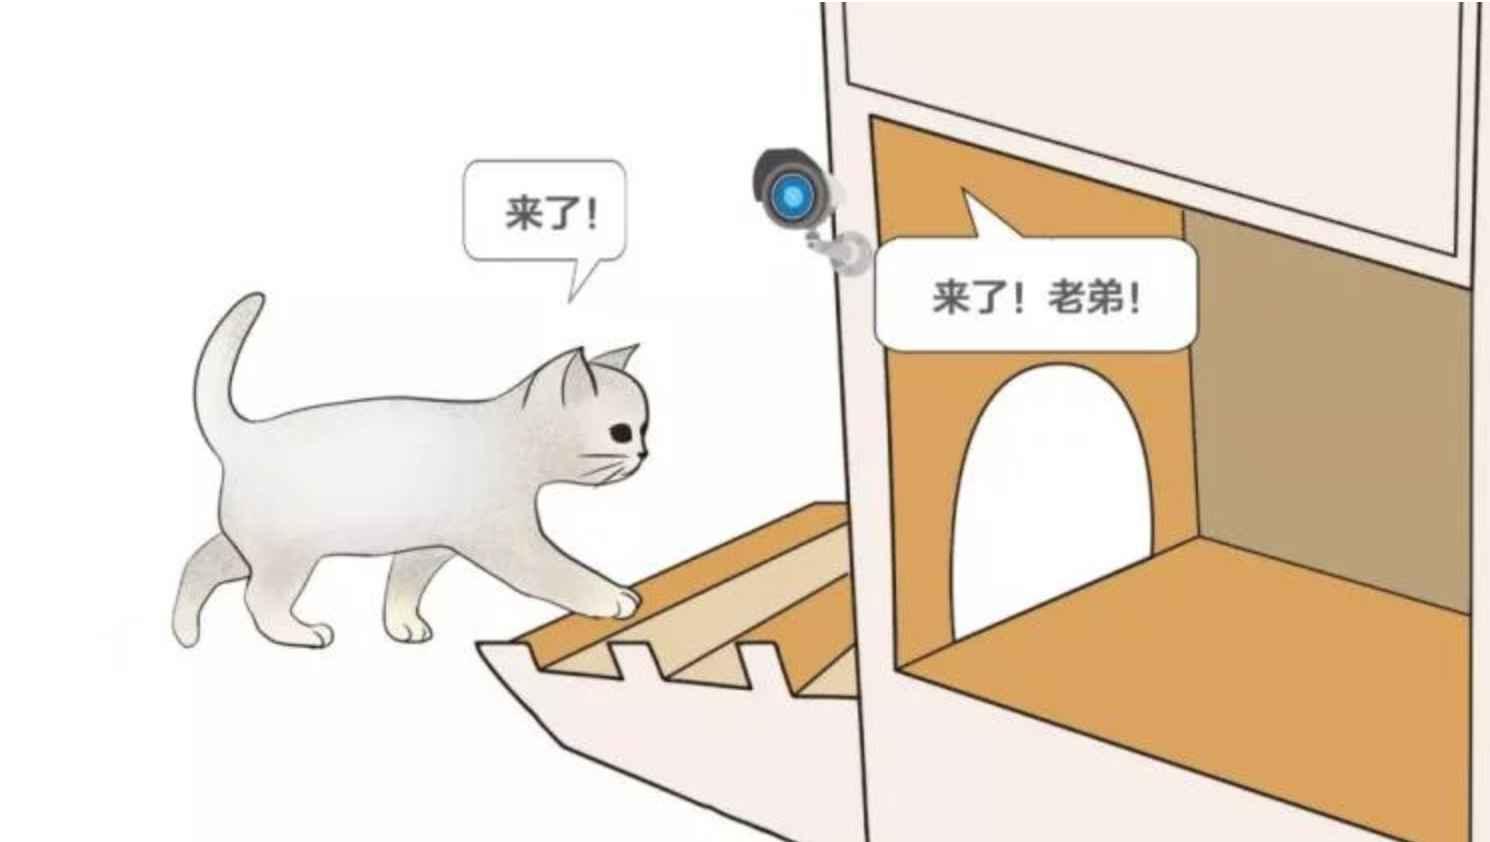 В Китае создали «умный» приют для бездомных кошек